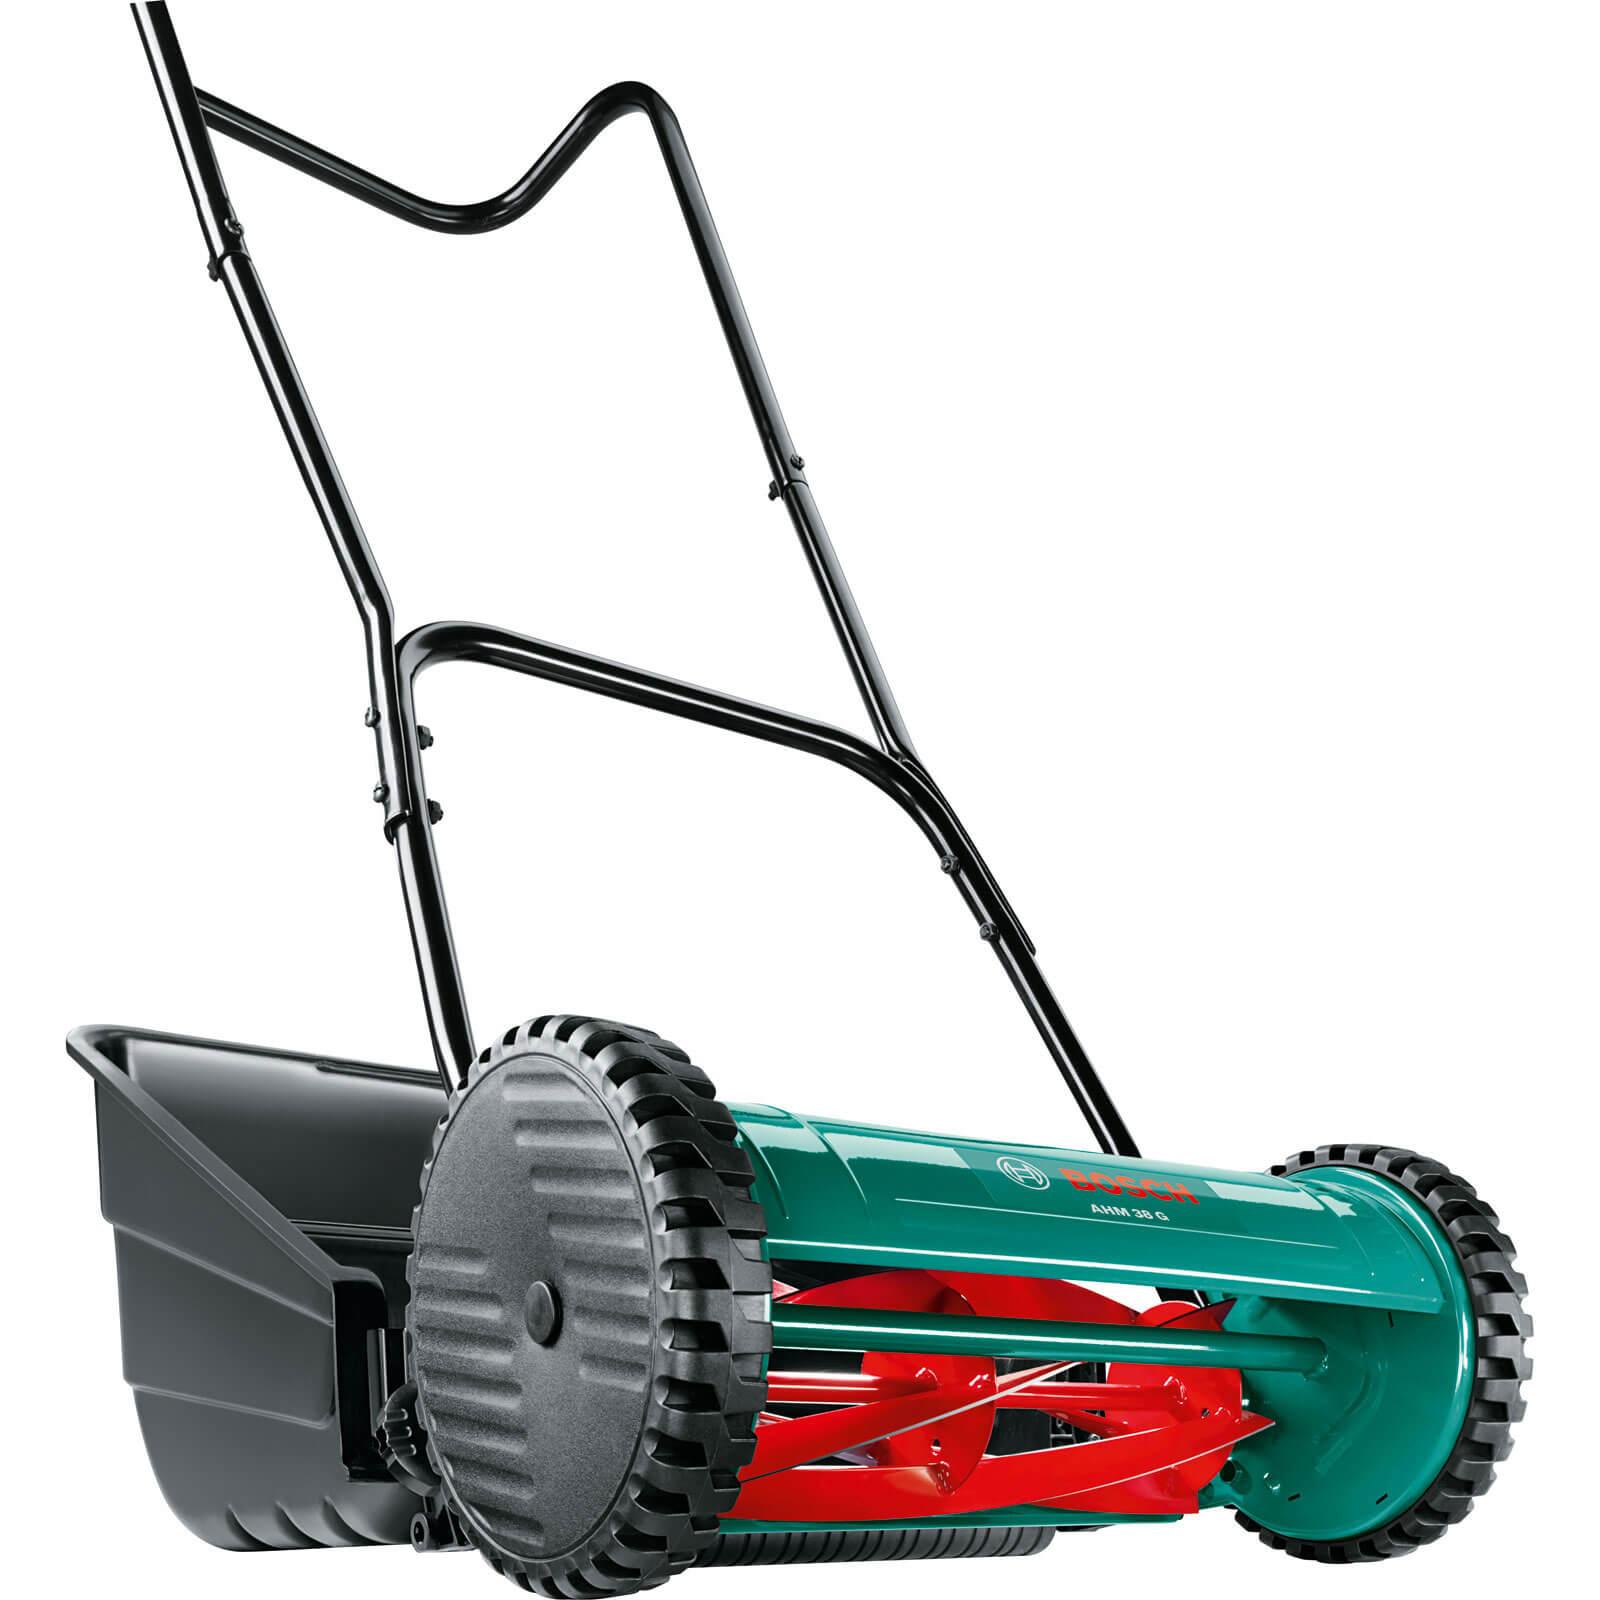 Bosch AHM 38G Push Hand Lawn Mower 380mm Cut Width